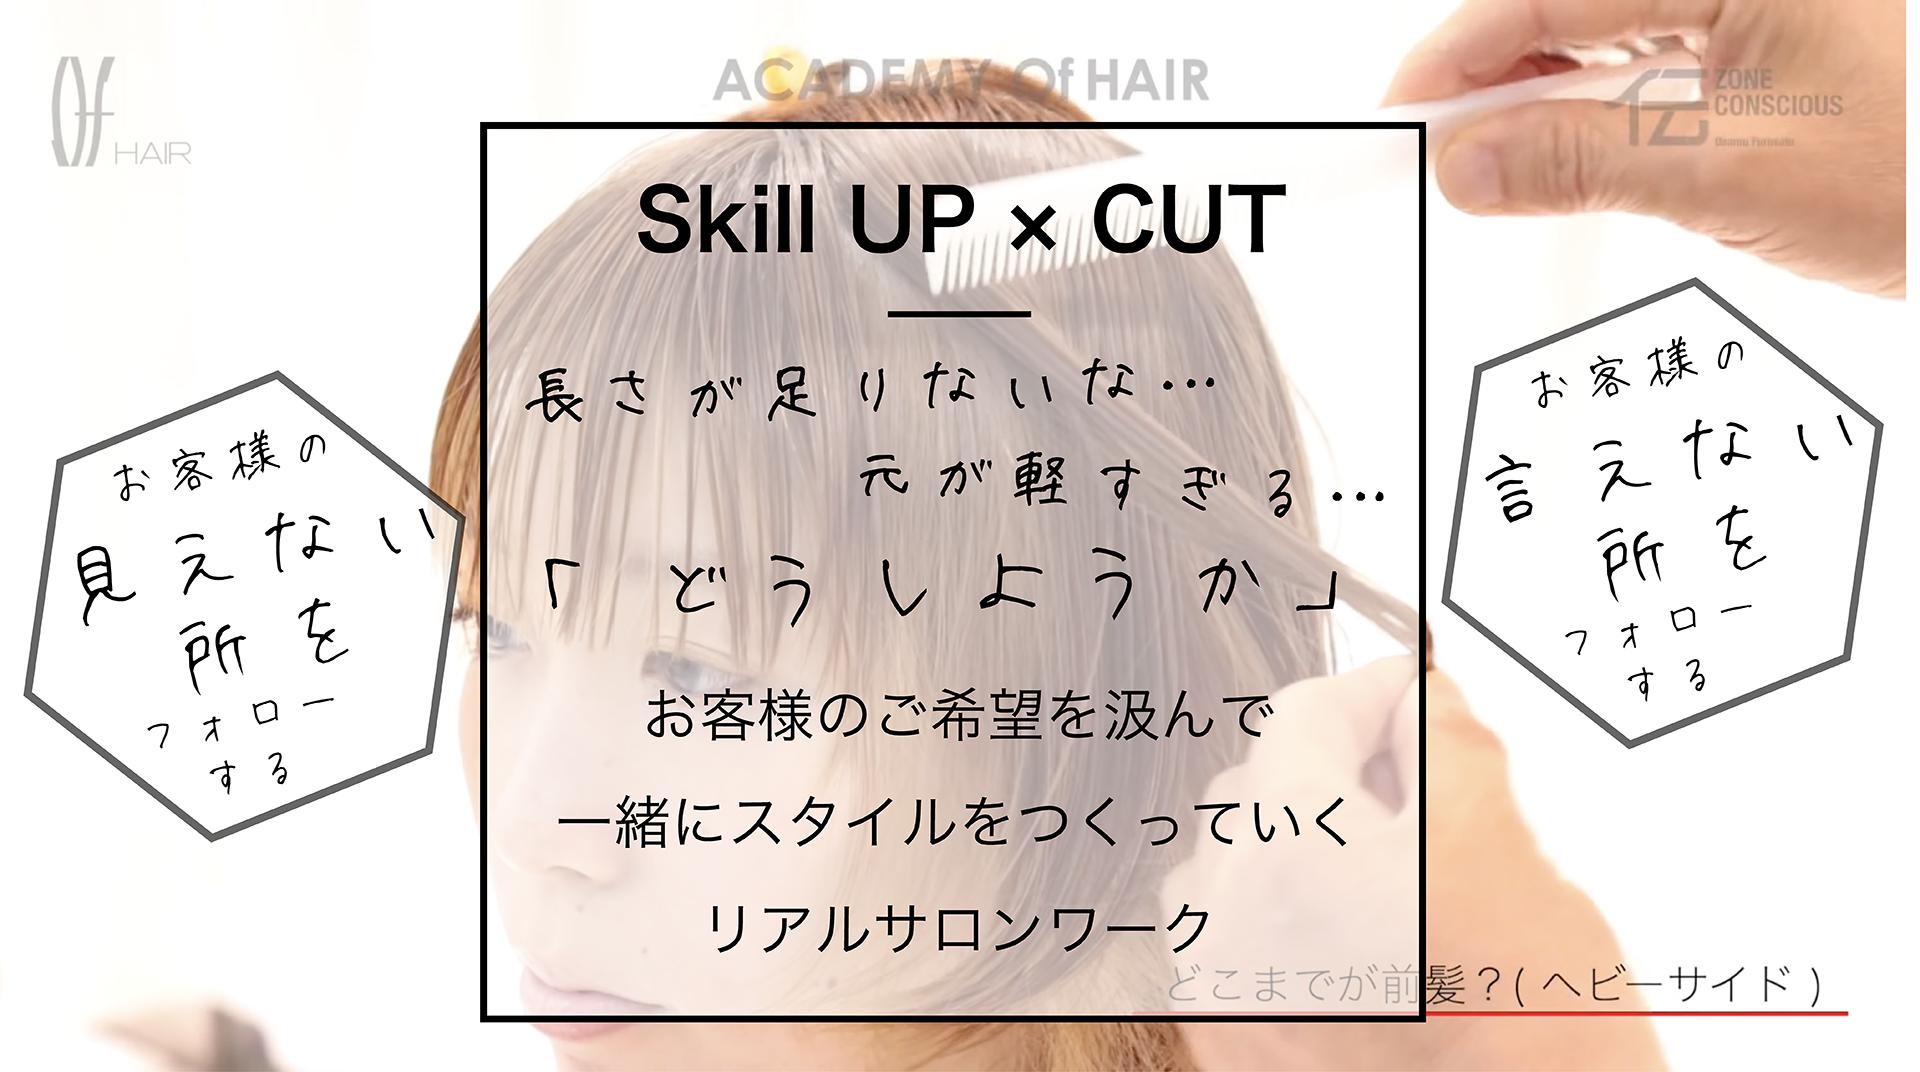 【もう失敗しない!】知っておくべき 前髪のデザイン方程式【2】リアルサロンワークでケーススタディ